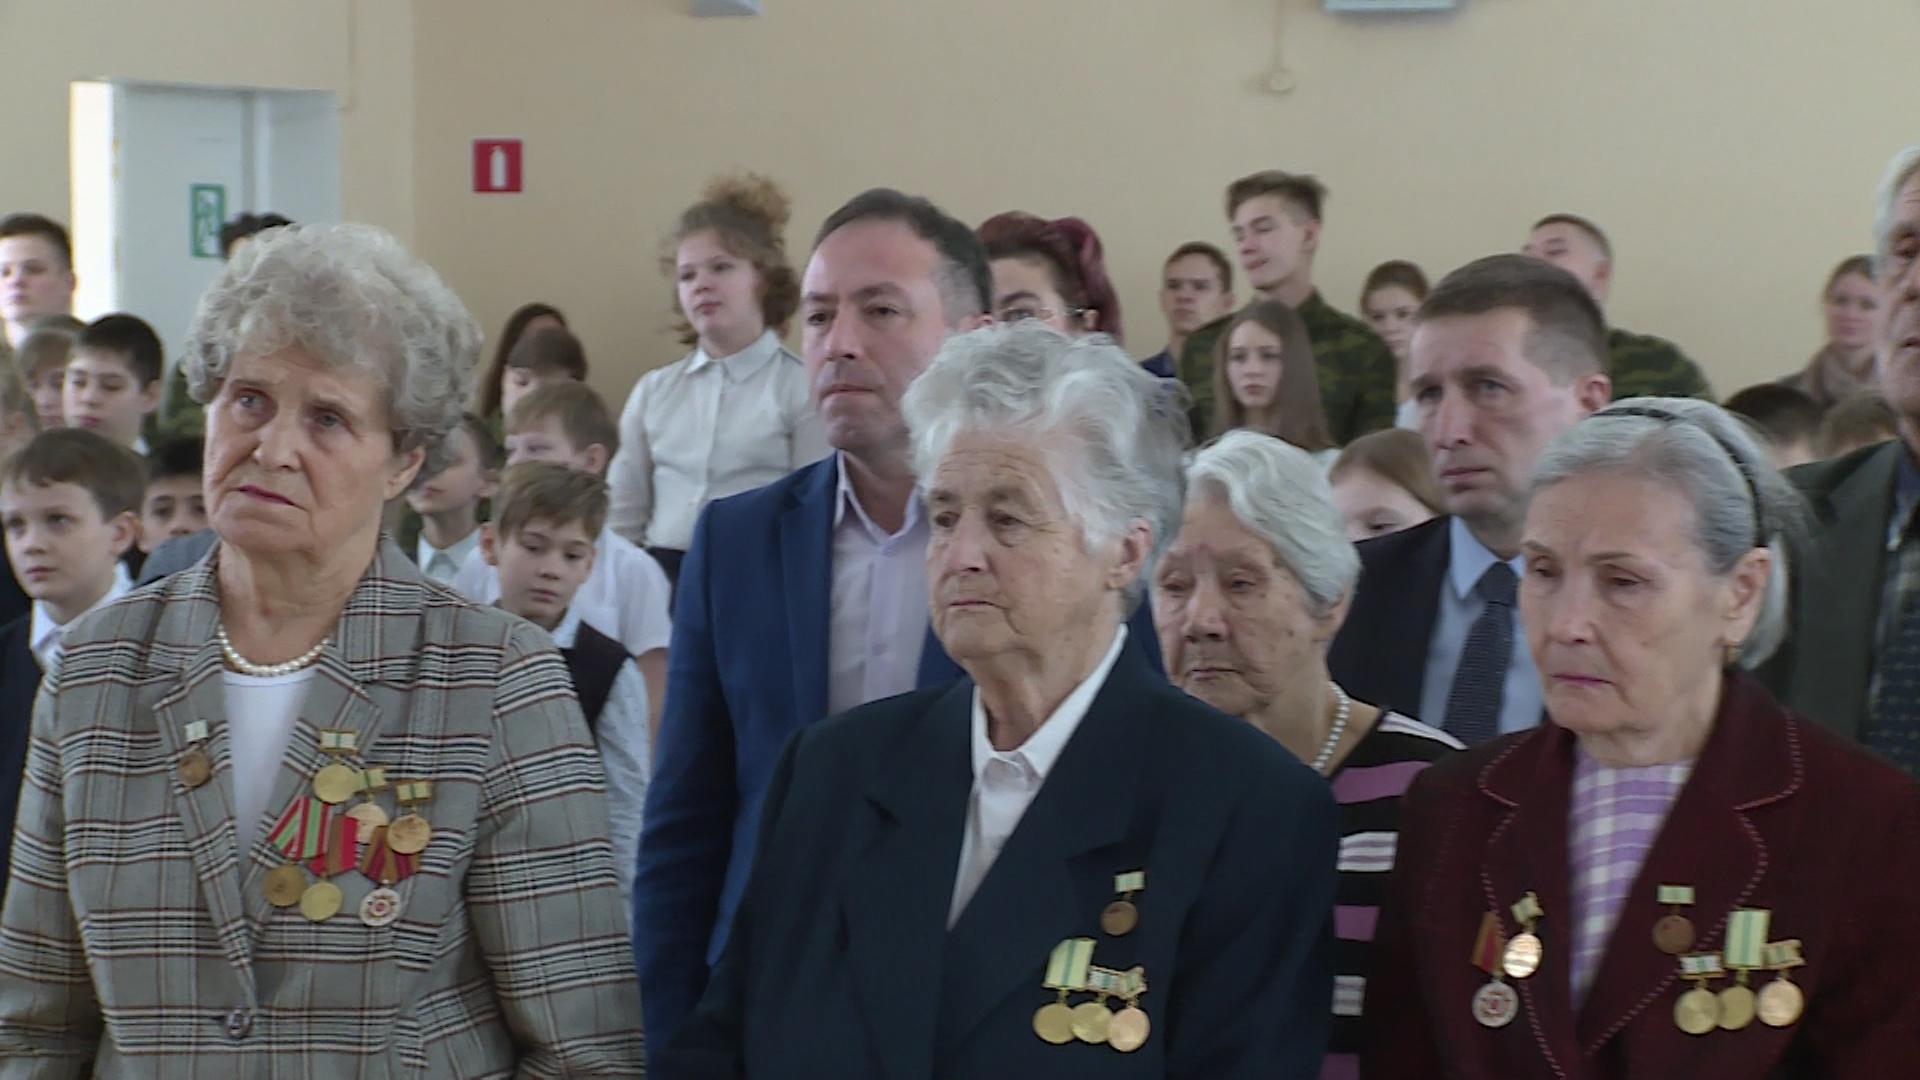 Жители Новоуральска присоединились к мероприятиям, посвященным Дню полного освобождения советскими войсками Ленинграда от блокады его немецко-фашистскими захватчиками